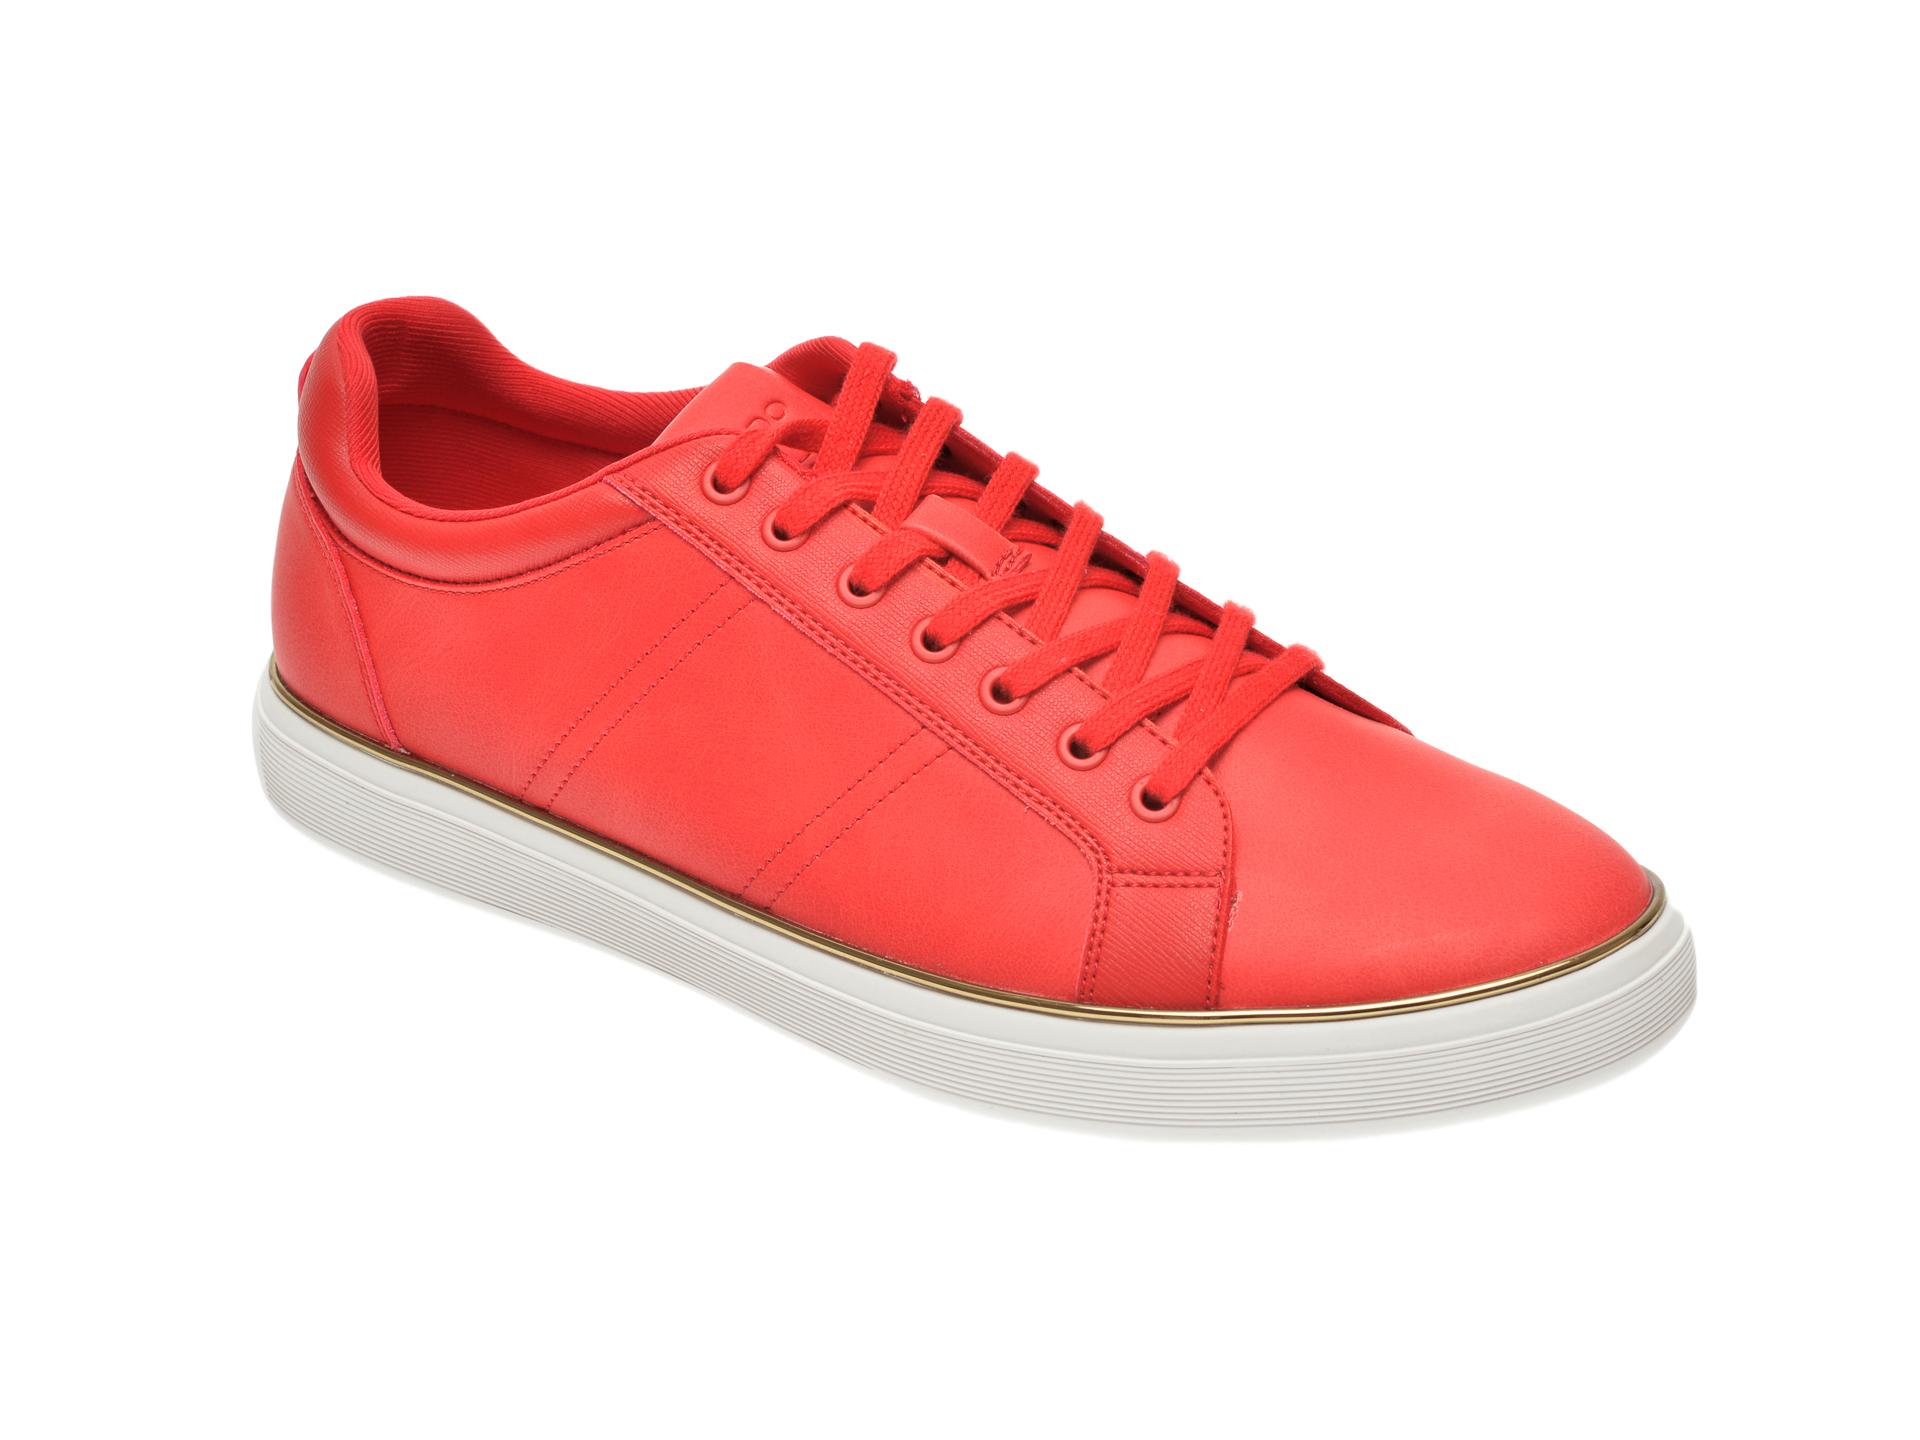 Pantofi sport ALDO rosii, Braunton600, din piele ecologica imagine